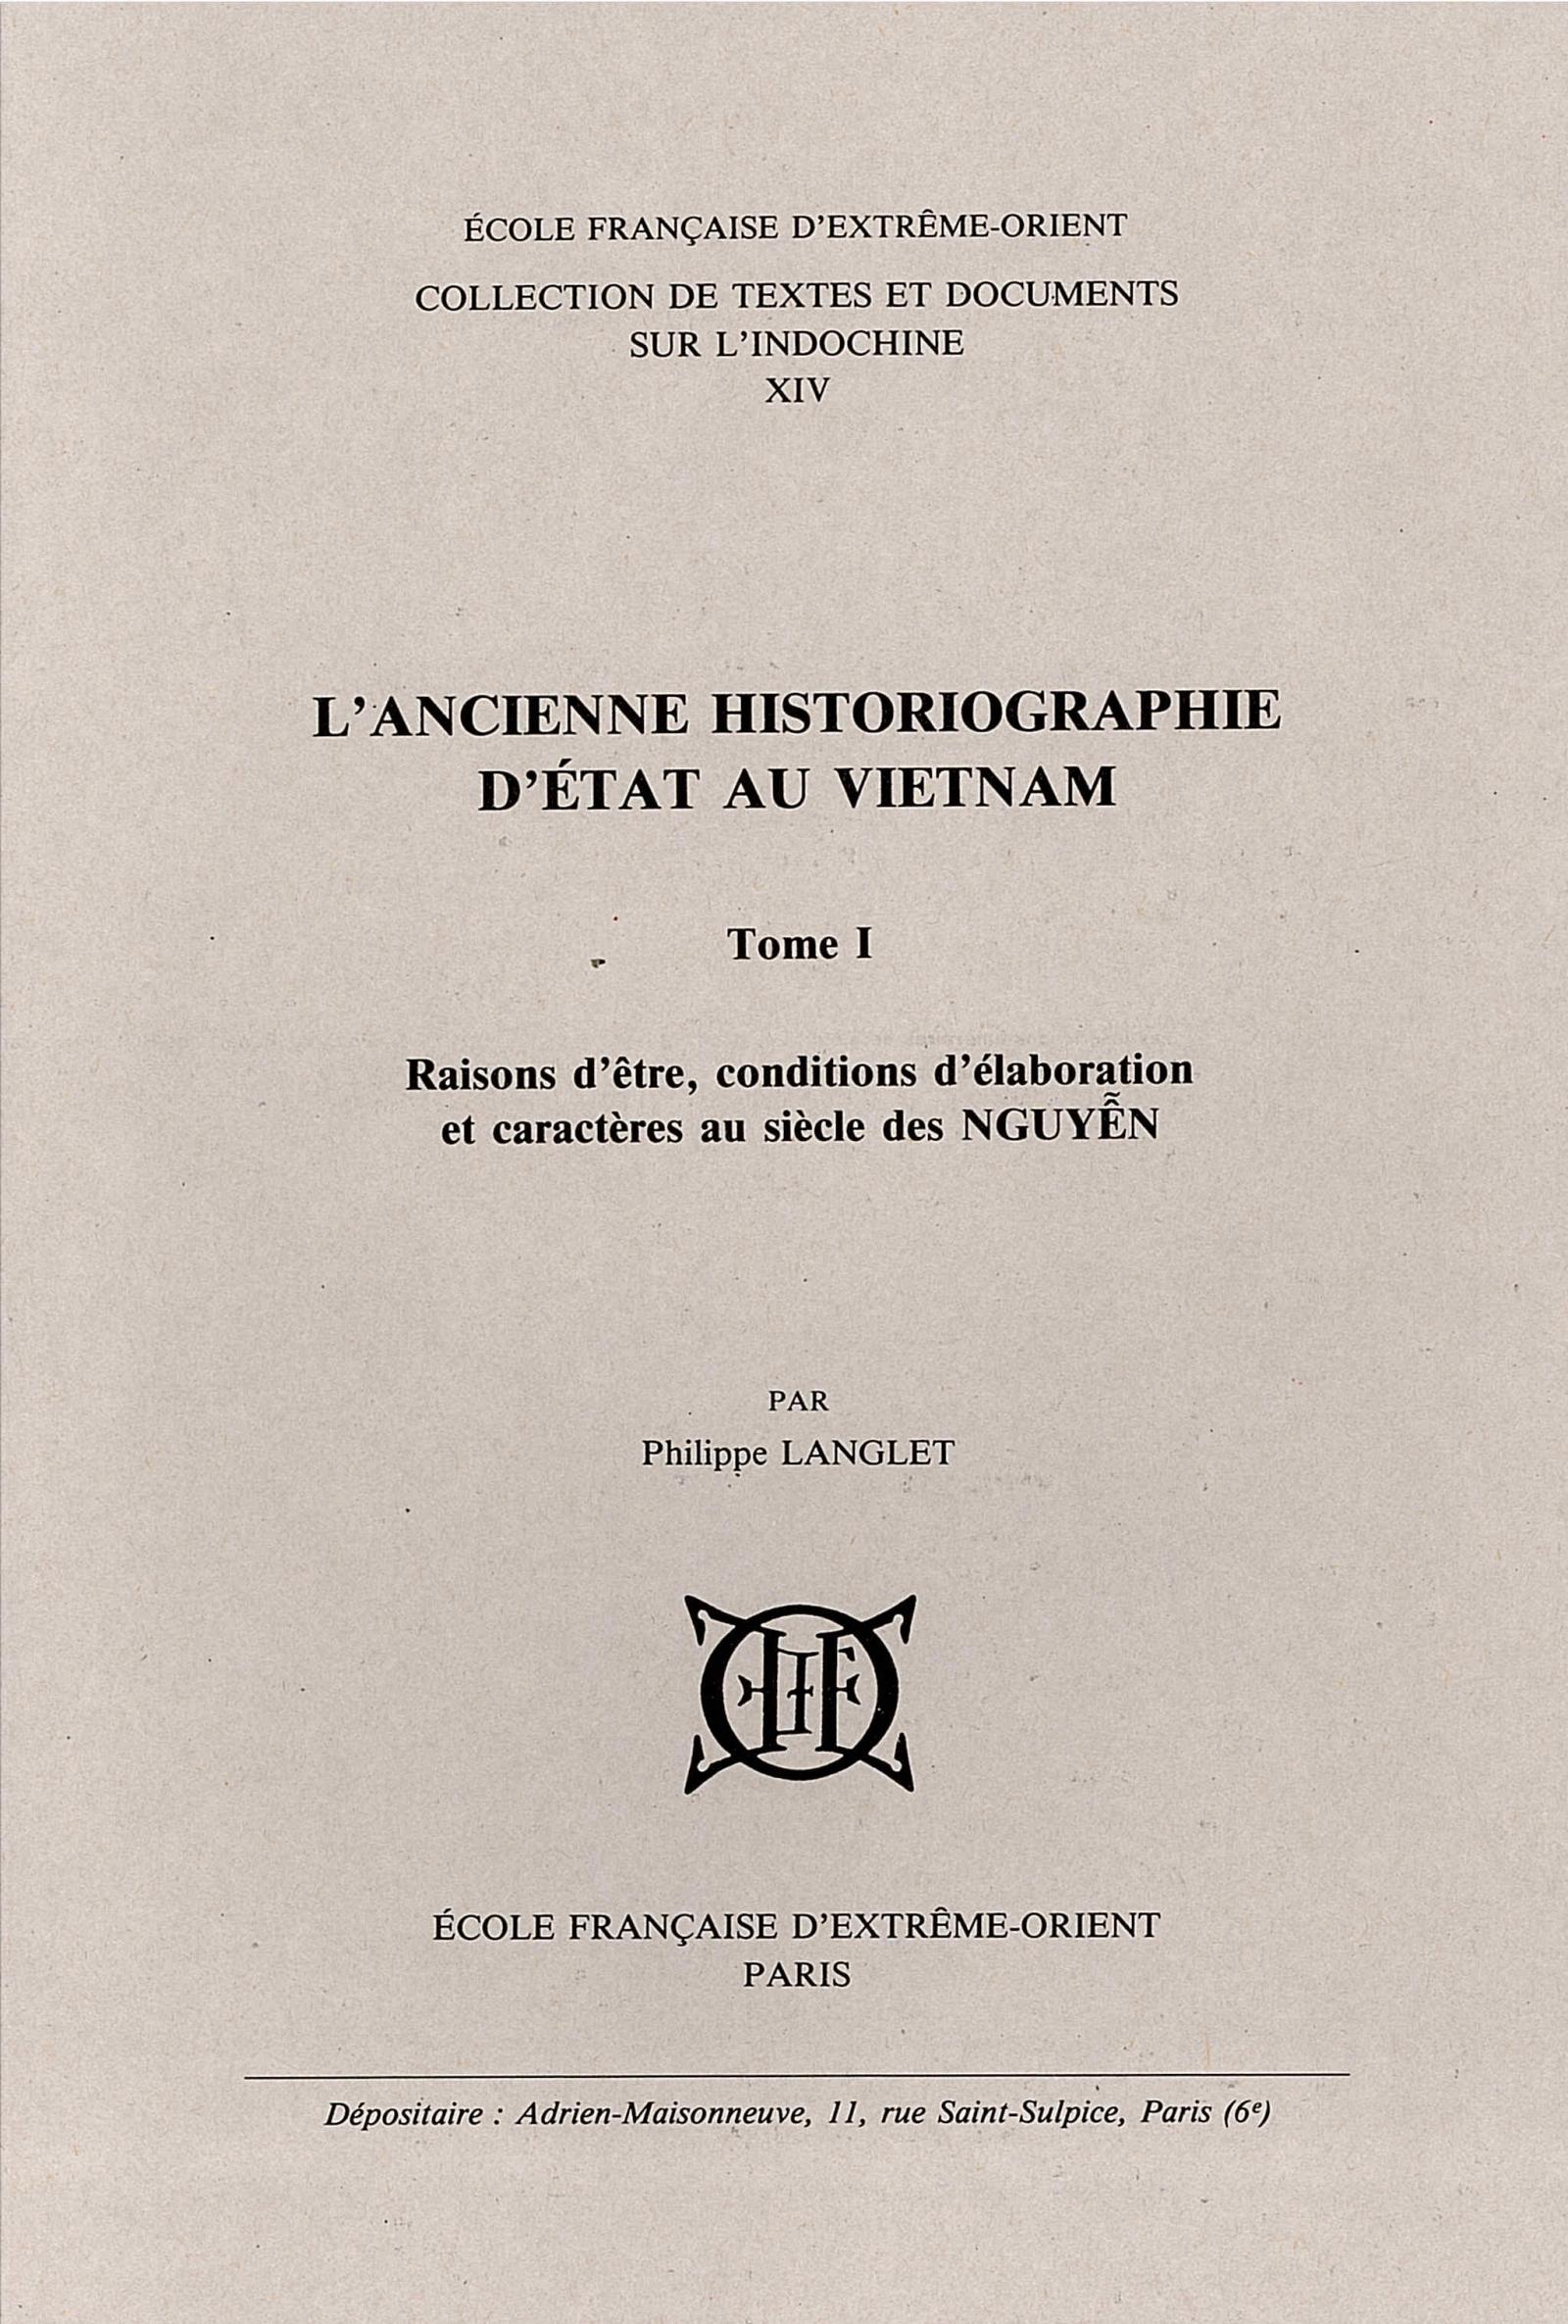 L'ancienne historiographie d'État au Viêtnam Tome 1